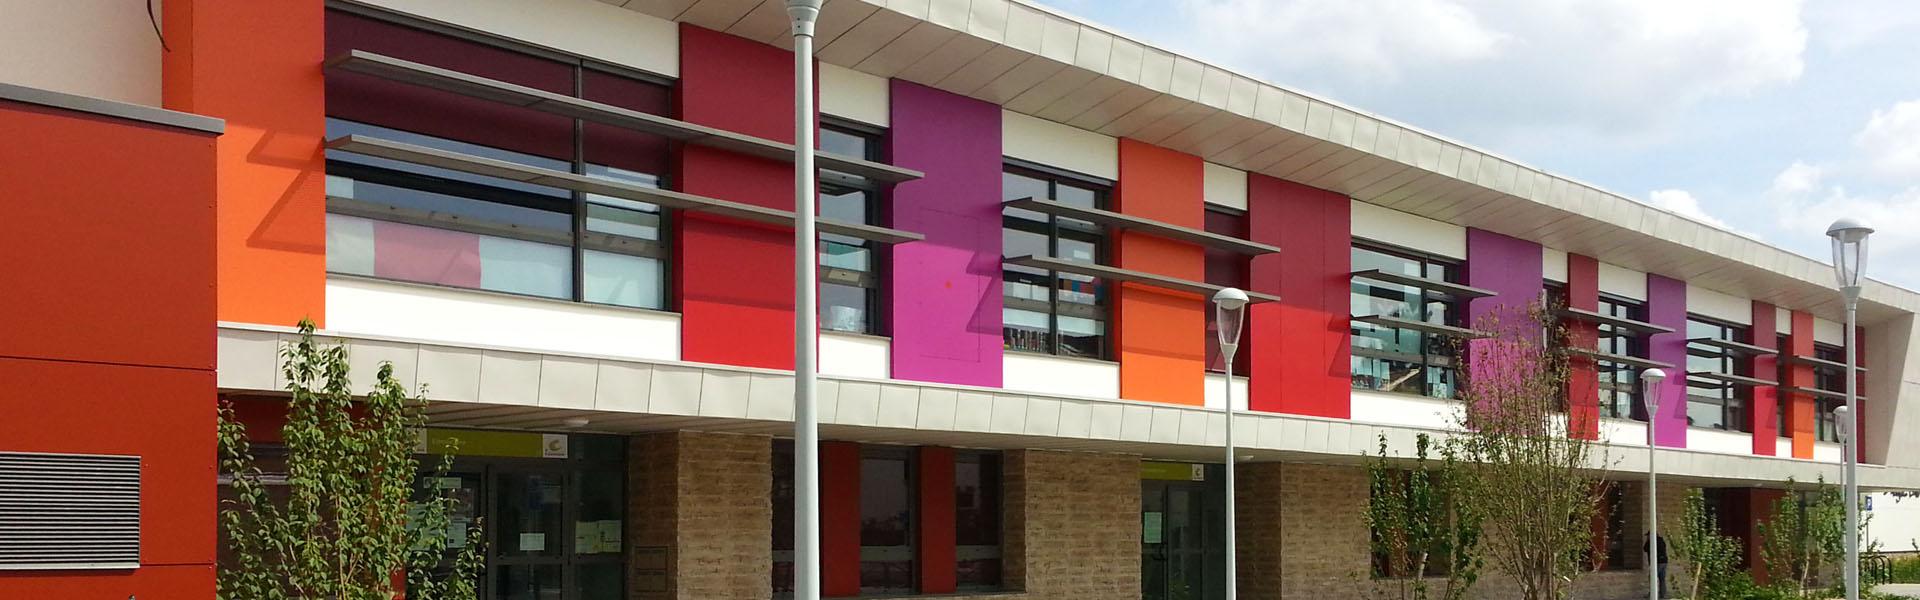 Ecole maternelle et élémentaire Angela Davis à La Courneuve